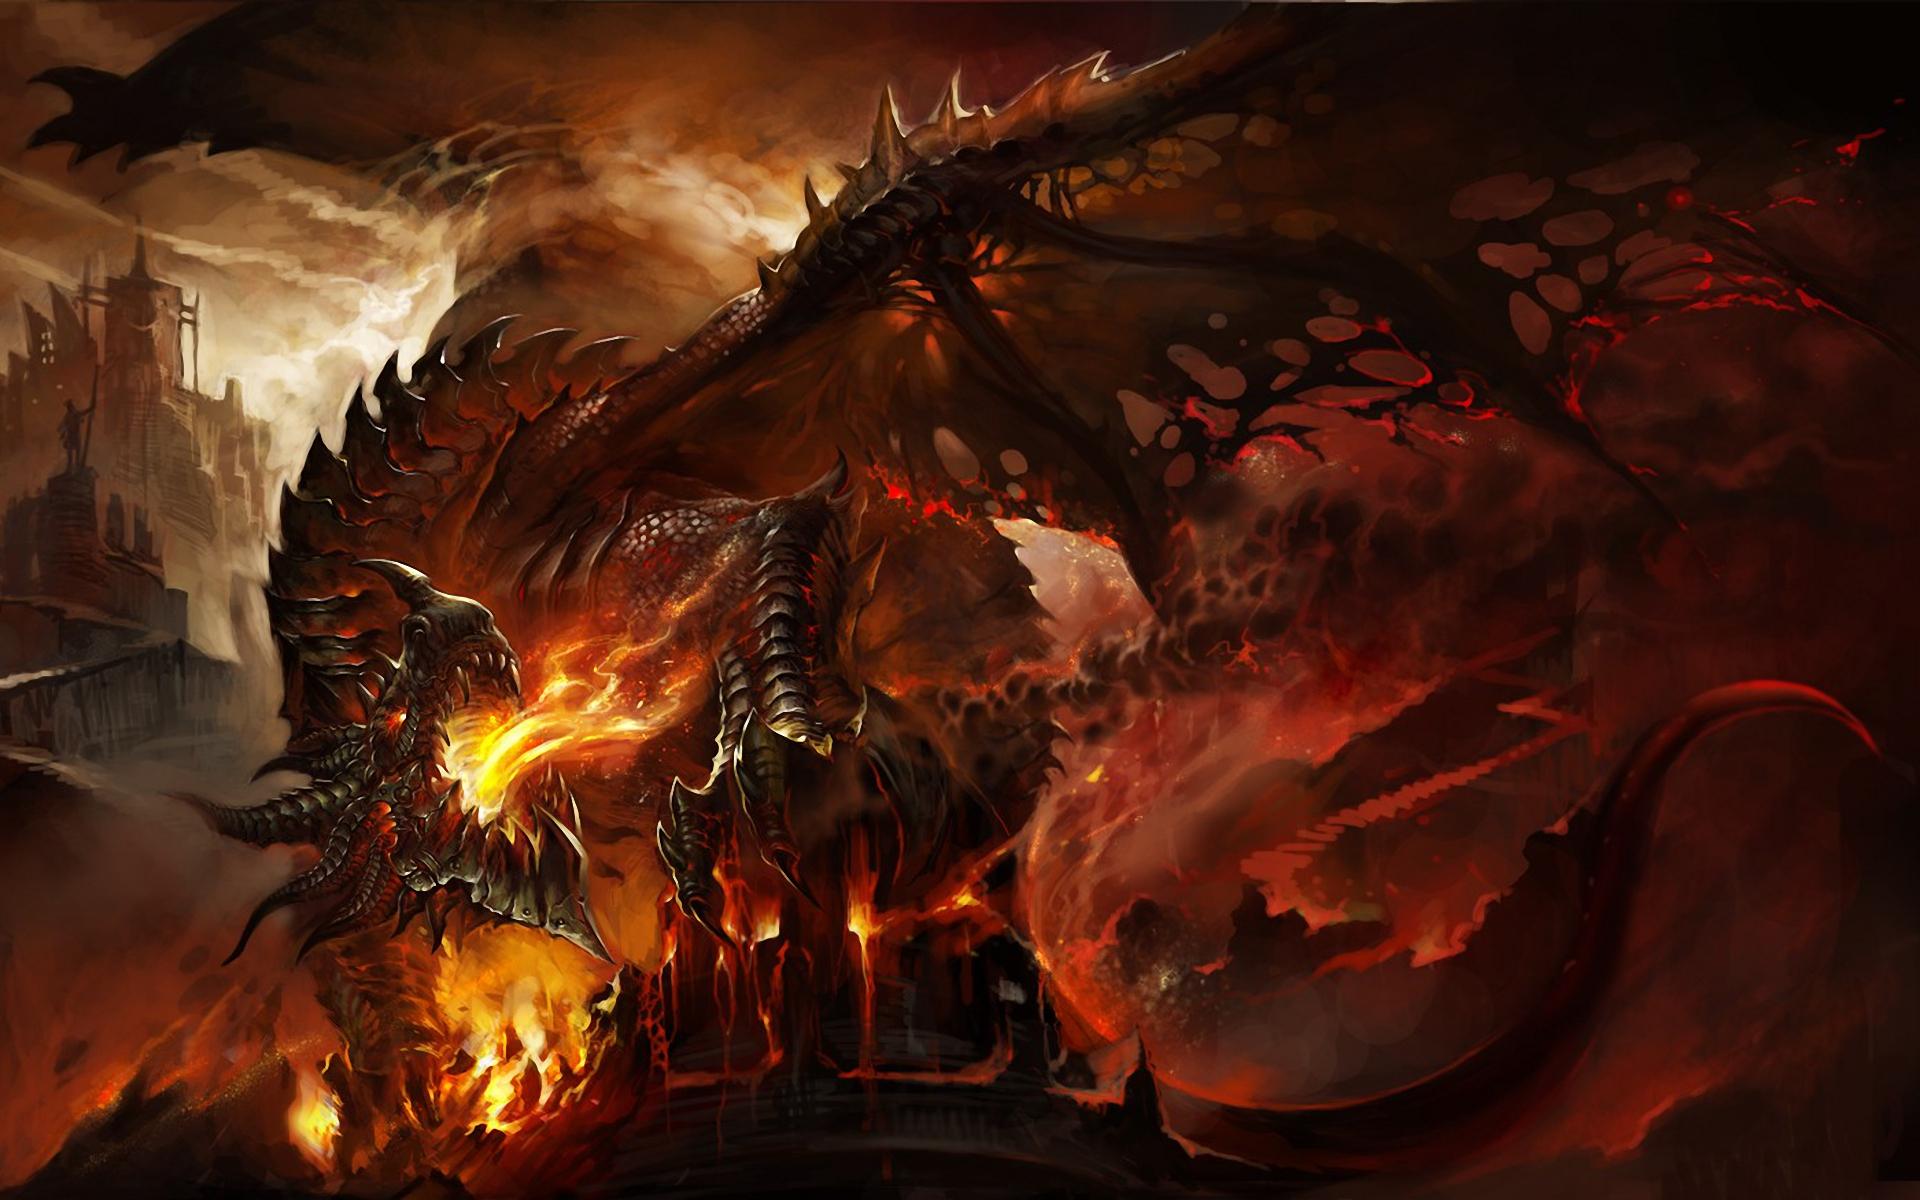 epic dragon wallpaper - wallpapersafari